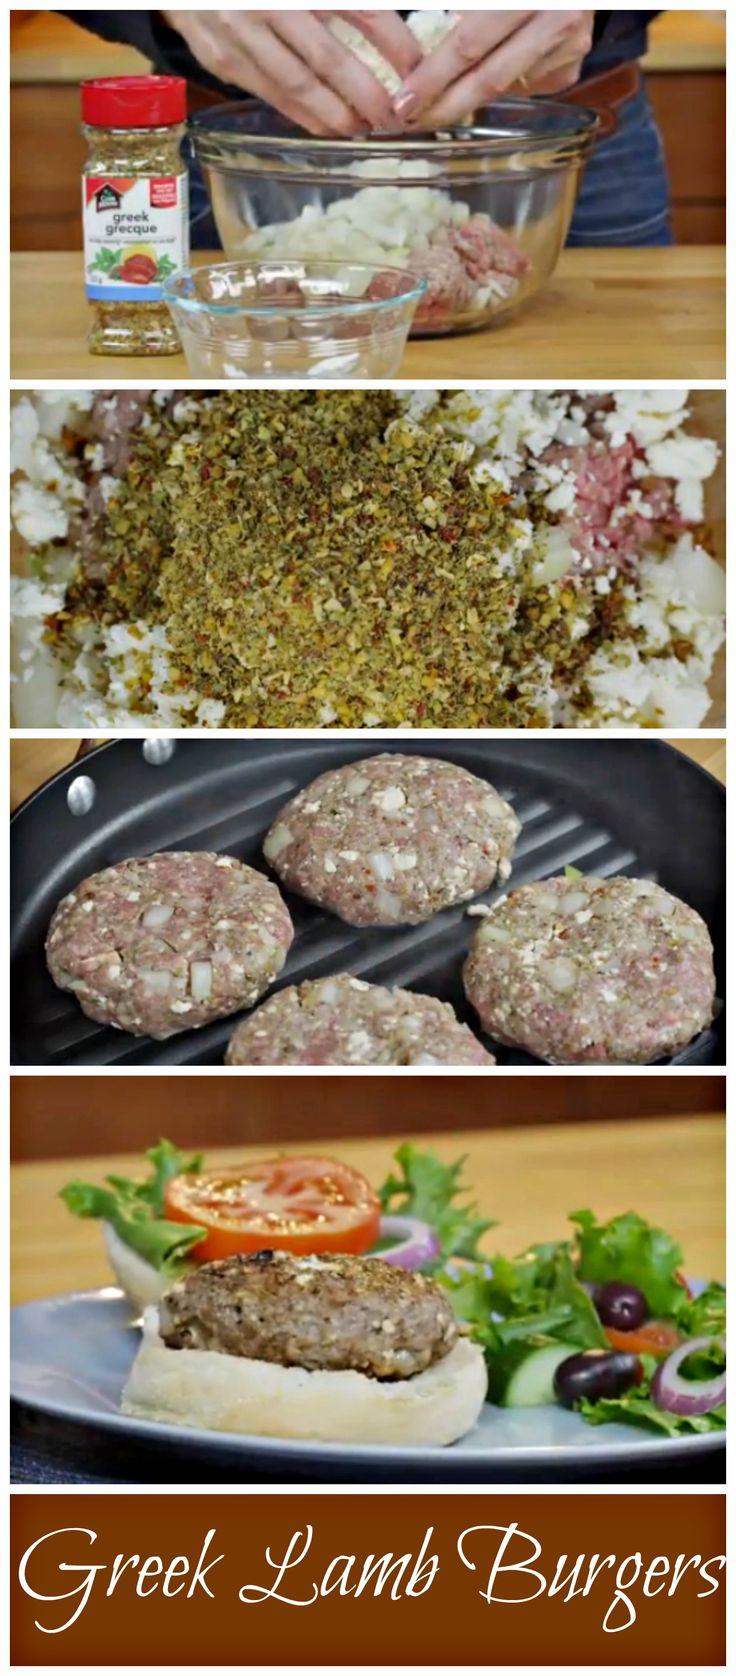 Greek Lamb Burgers. Just 4 ingredients yet so flavorful. This recipe is an absolute winner.